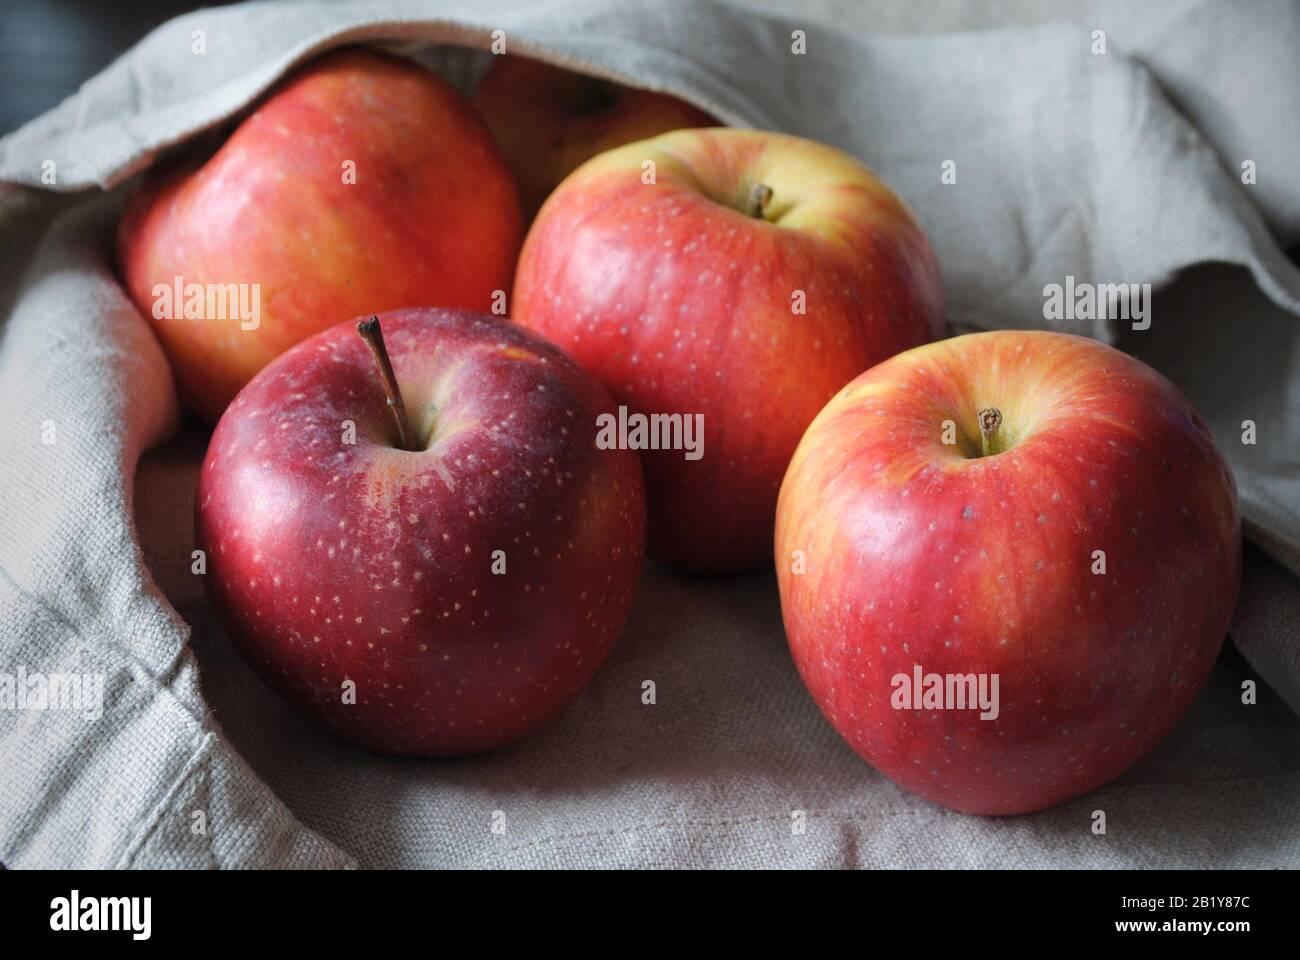 Nahansicht einer Gruppe von frischen natürlichen, bunten Gelb/roten Äpfeln aus biologischem Anbau mit einem neutralen Farbbeutel aus Leinen Stockfoto